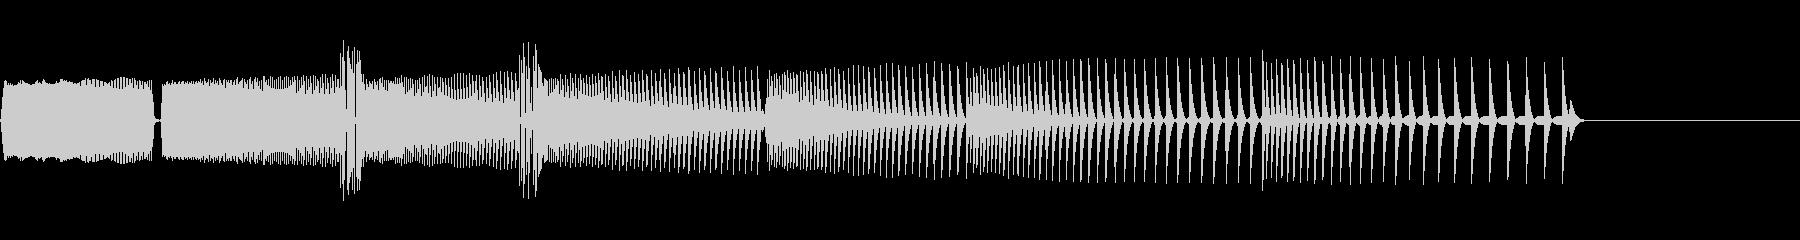 ゲームオーバーに最適な音の未再生の波形